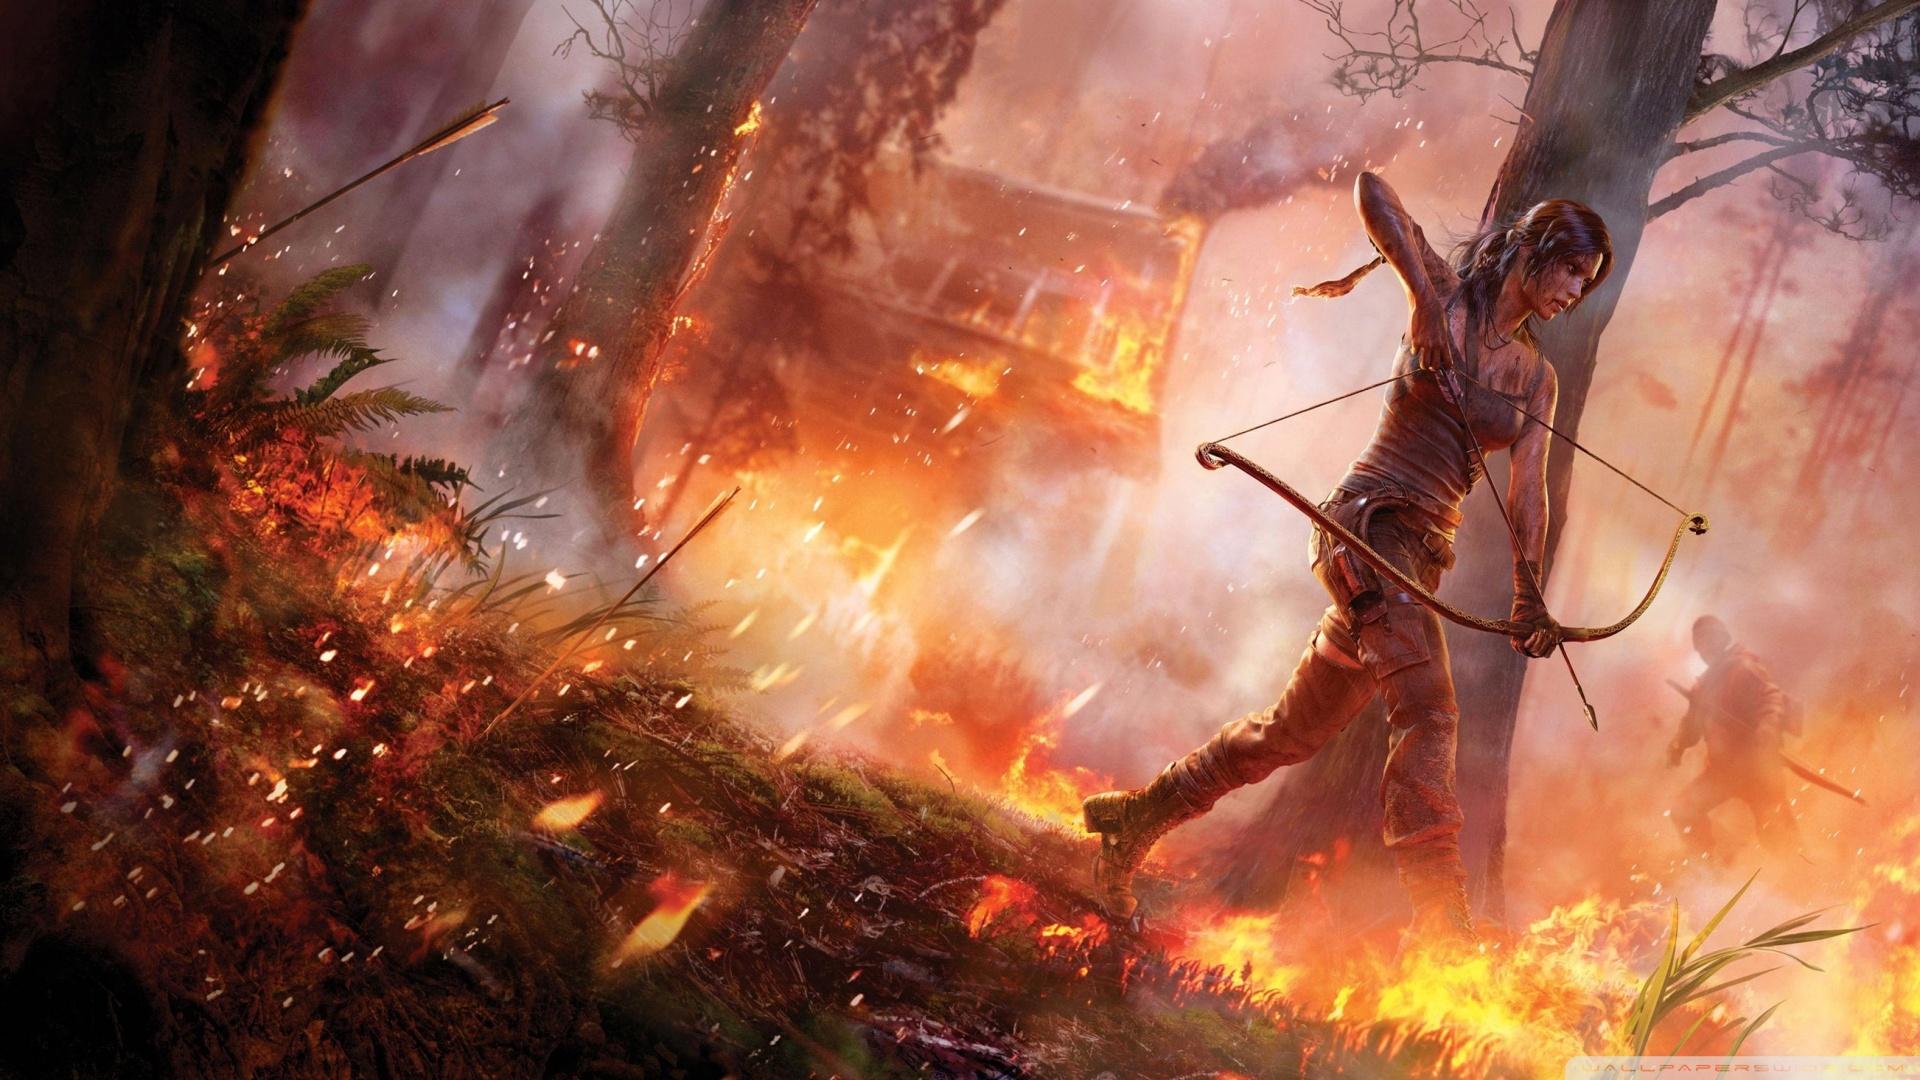 Tomb Raider 2014 Wallpaper 1920x1080 Tomb Raider 2014 1920x1080